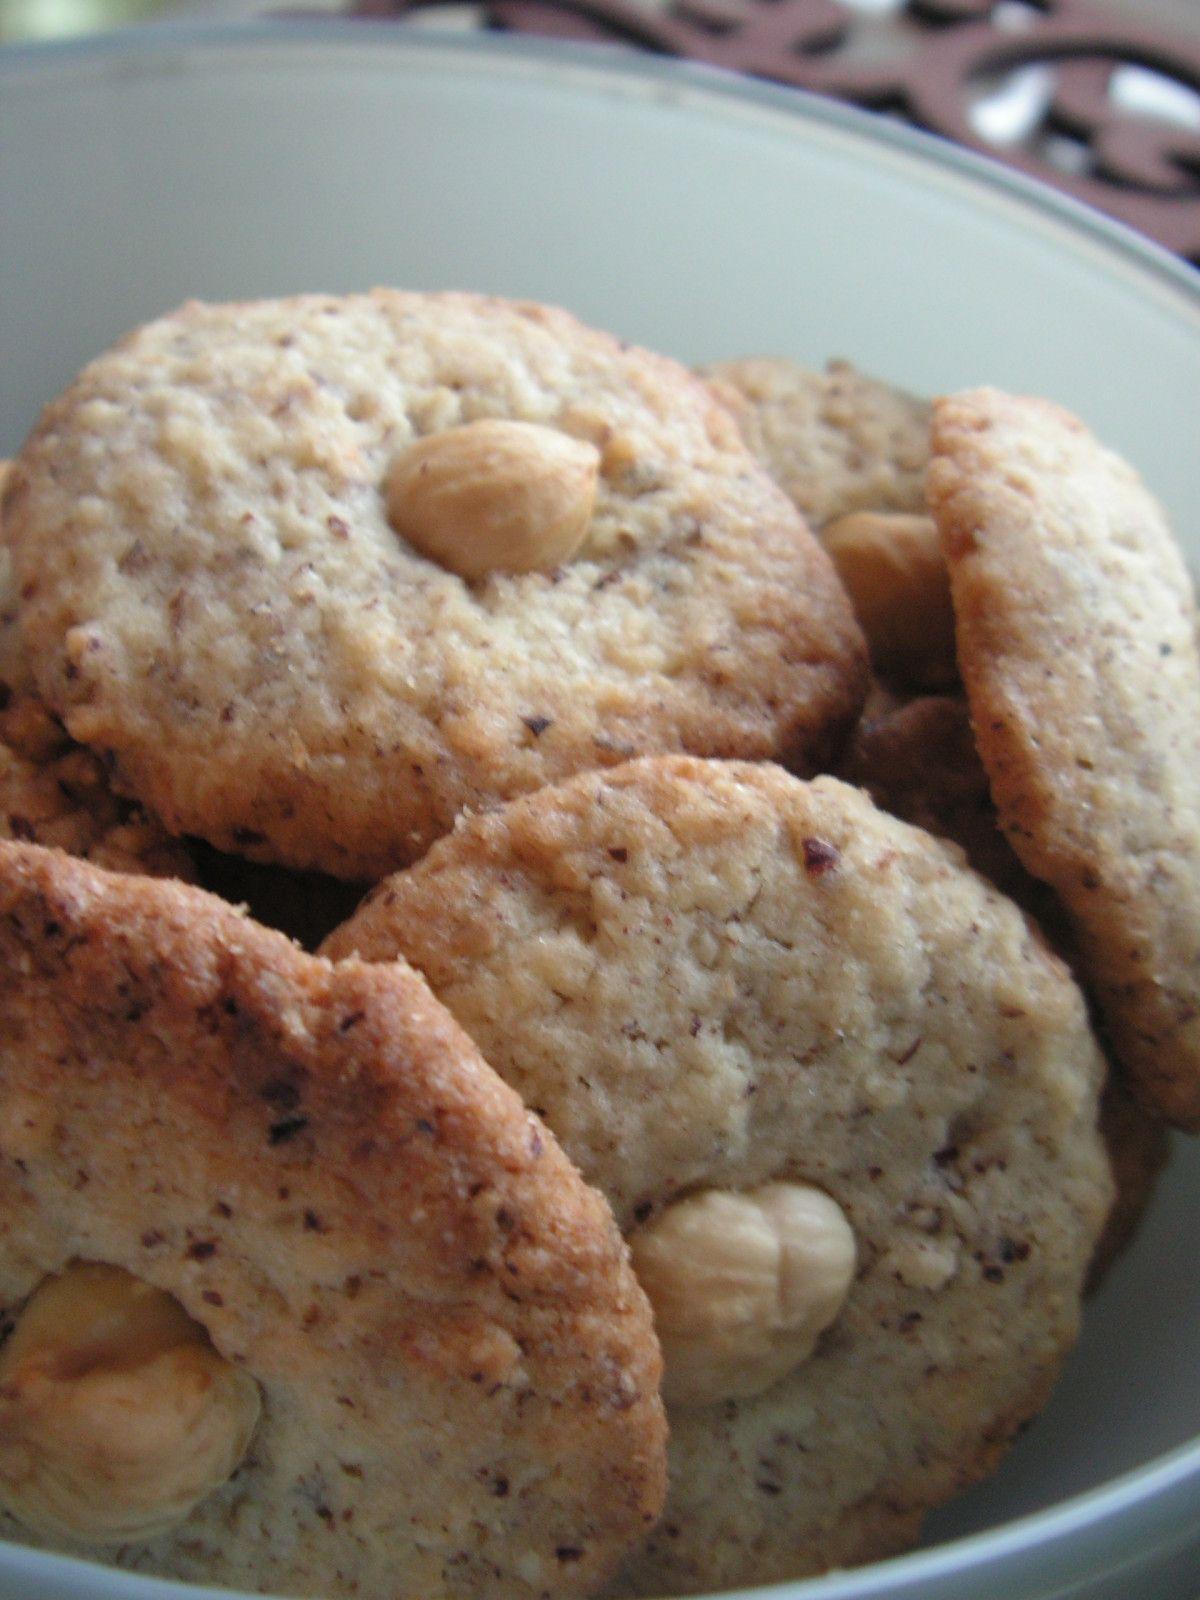 Noisetins c secrets gourmands blog de cuisine recettes faciles pr parer l 39 avance - Recette a preparer a l avance ...